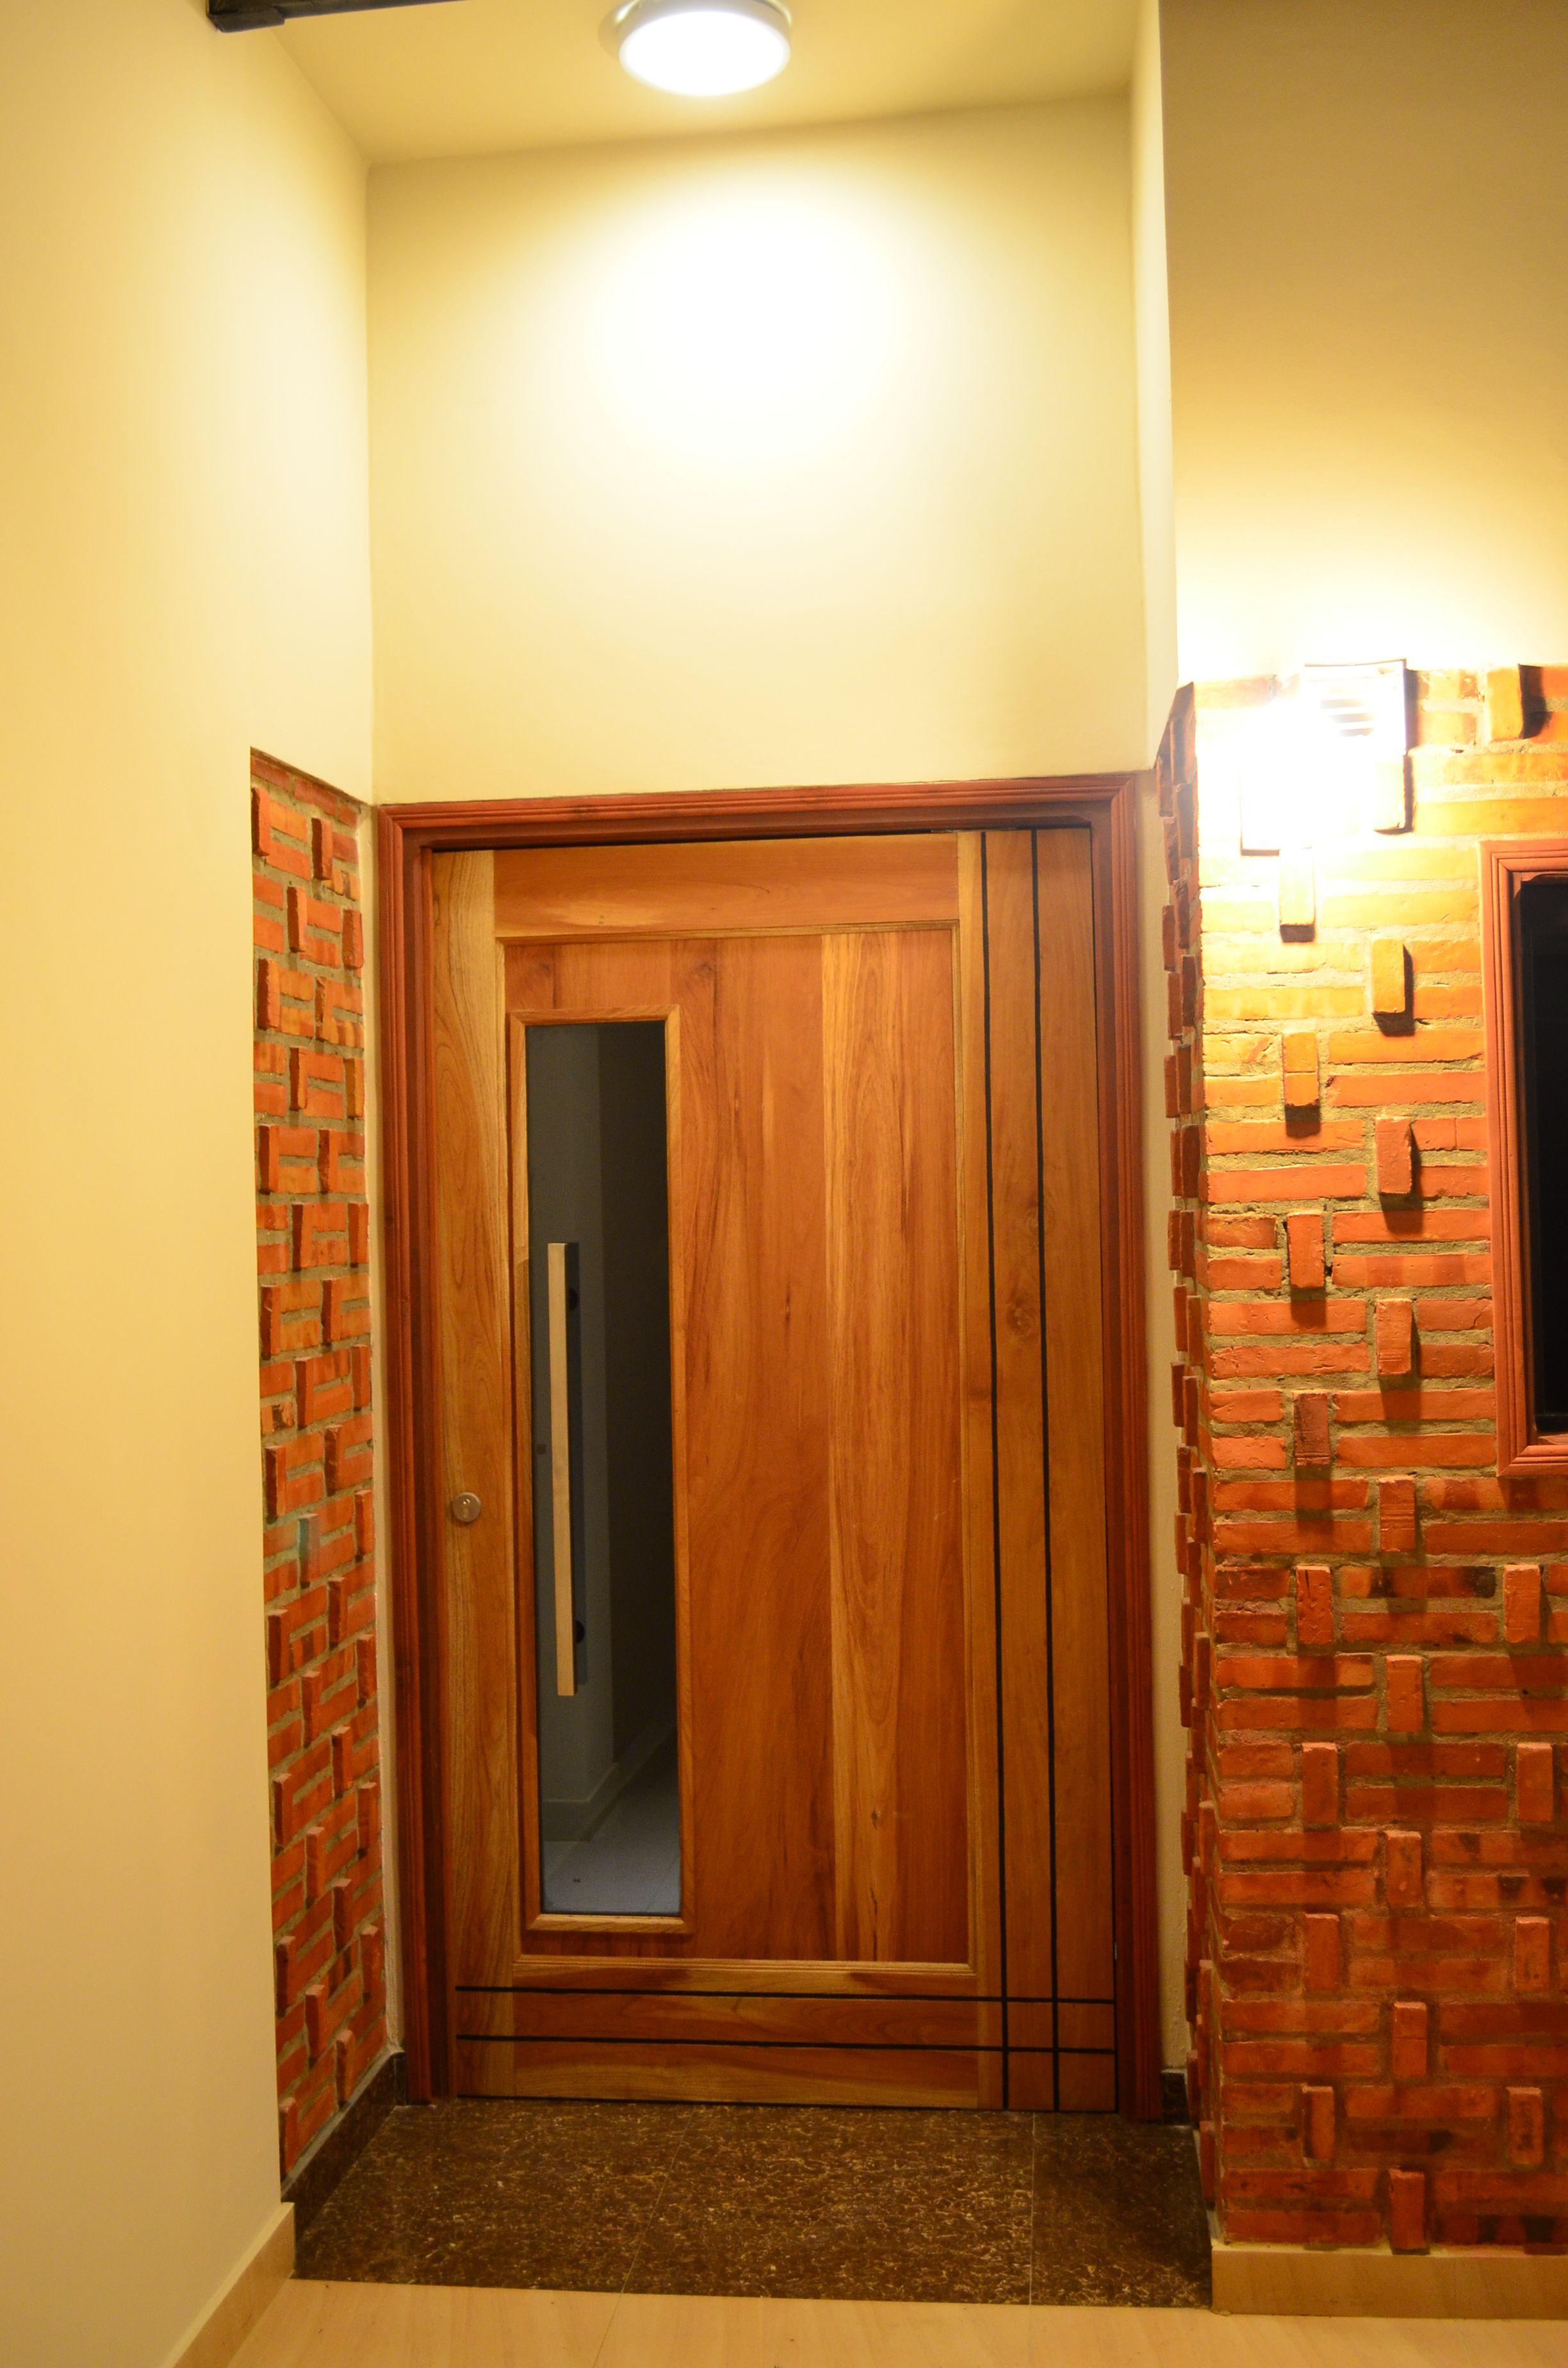 Dise o de ladrillo visto en acceso principal puerta for Diseno de puertas principales de casas